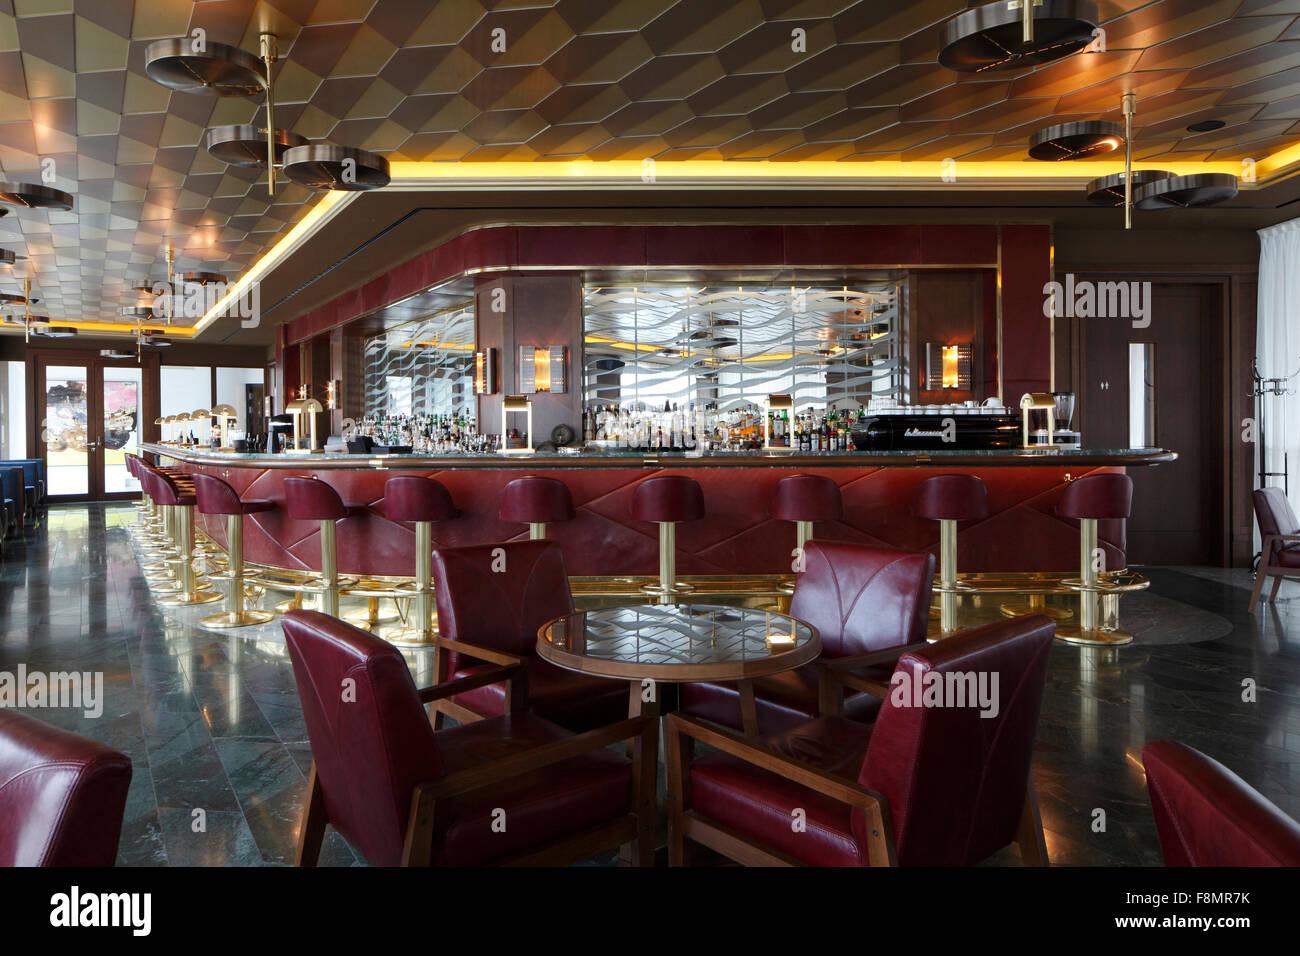 Sgabello Da Bar Moderno In Pelle : Quattro sedie di pelle rossa attorno ad un tavolo circolare in